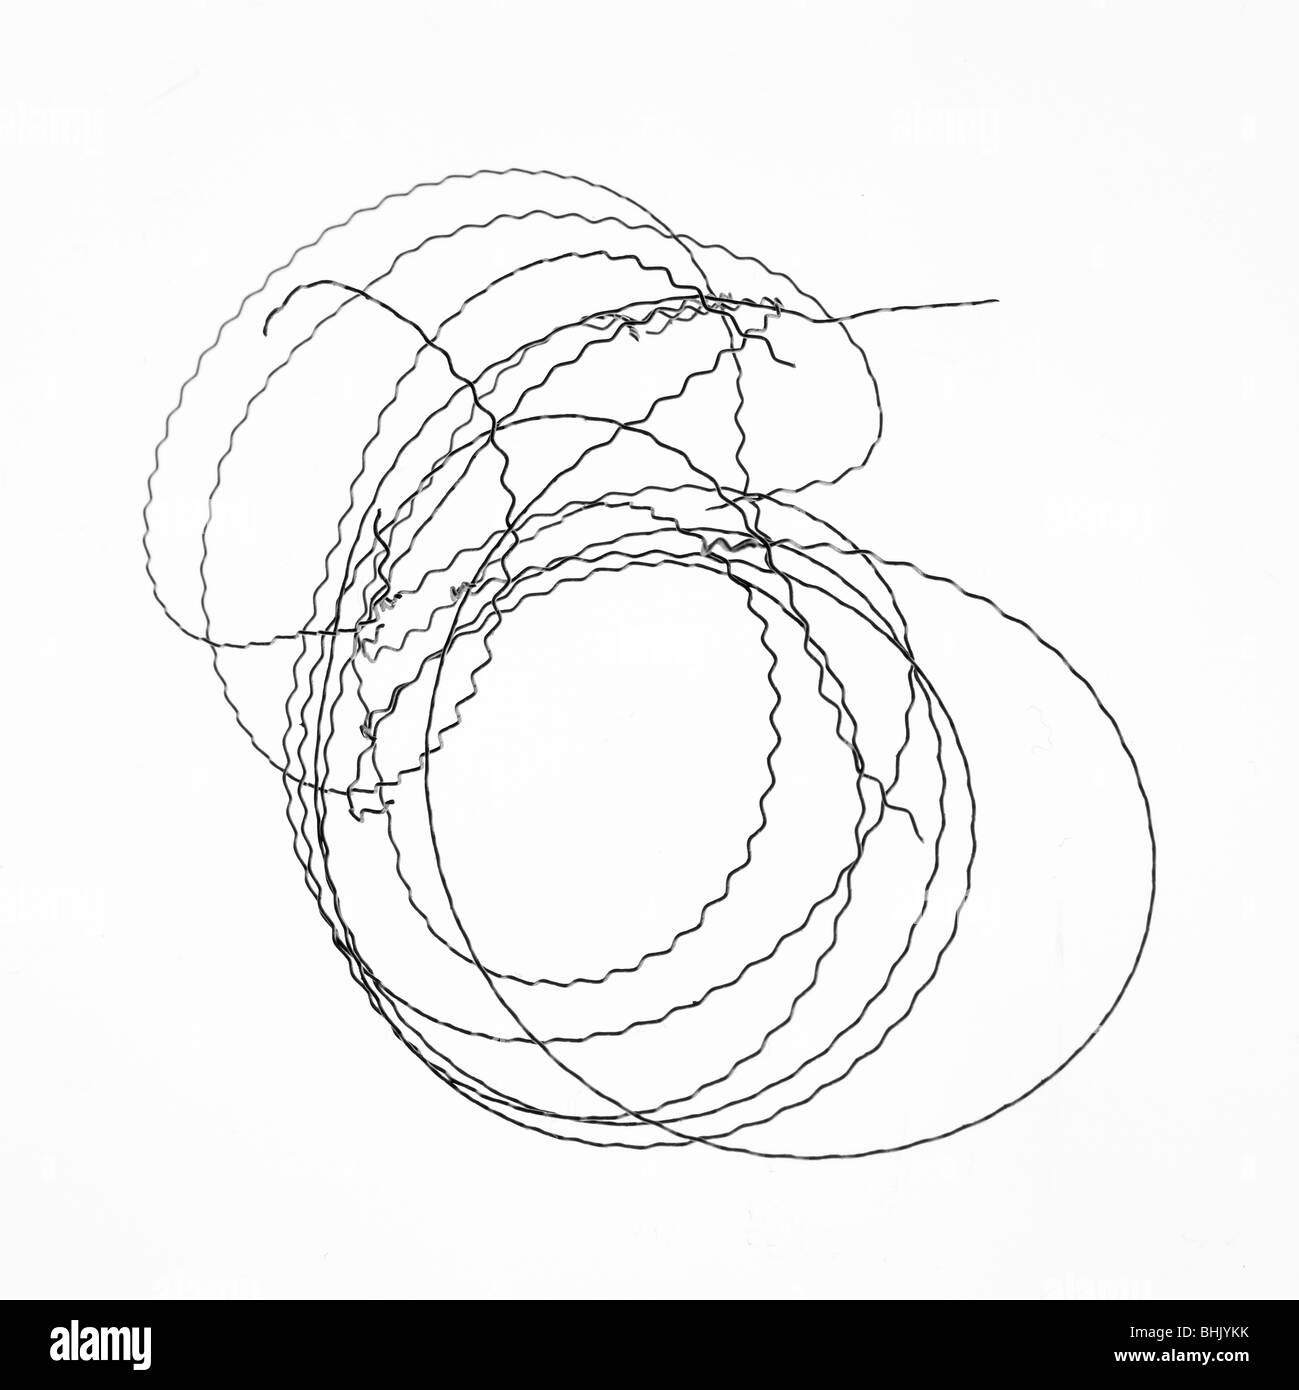 Shiny Barbed Wire Stockfotos & Shiny Barbed Wire Bilder - Alamy